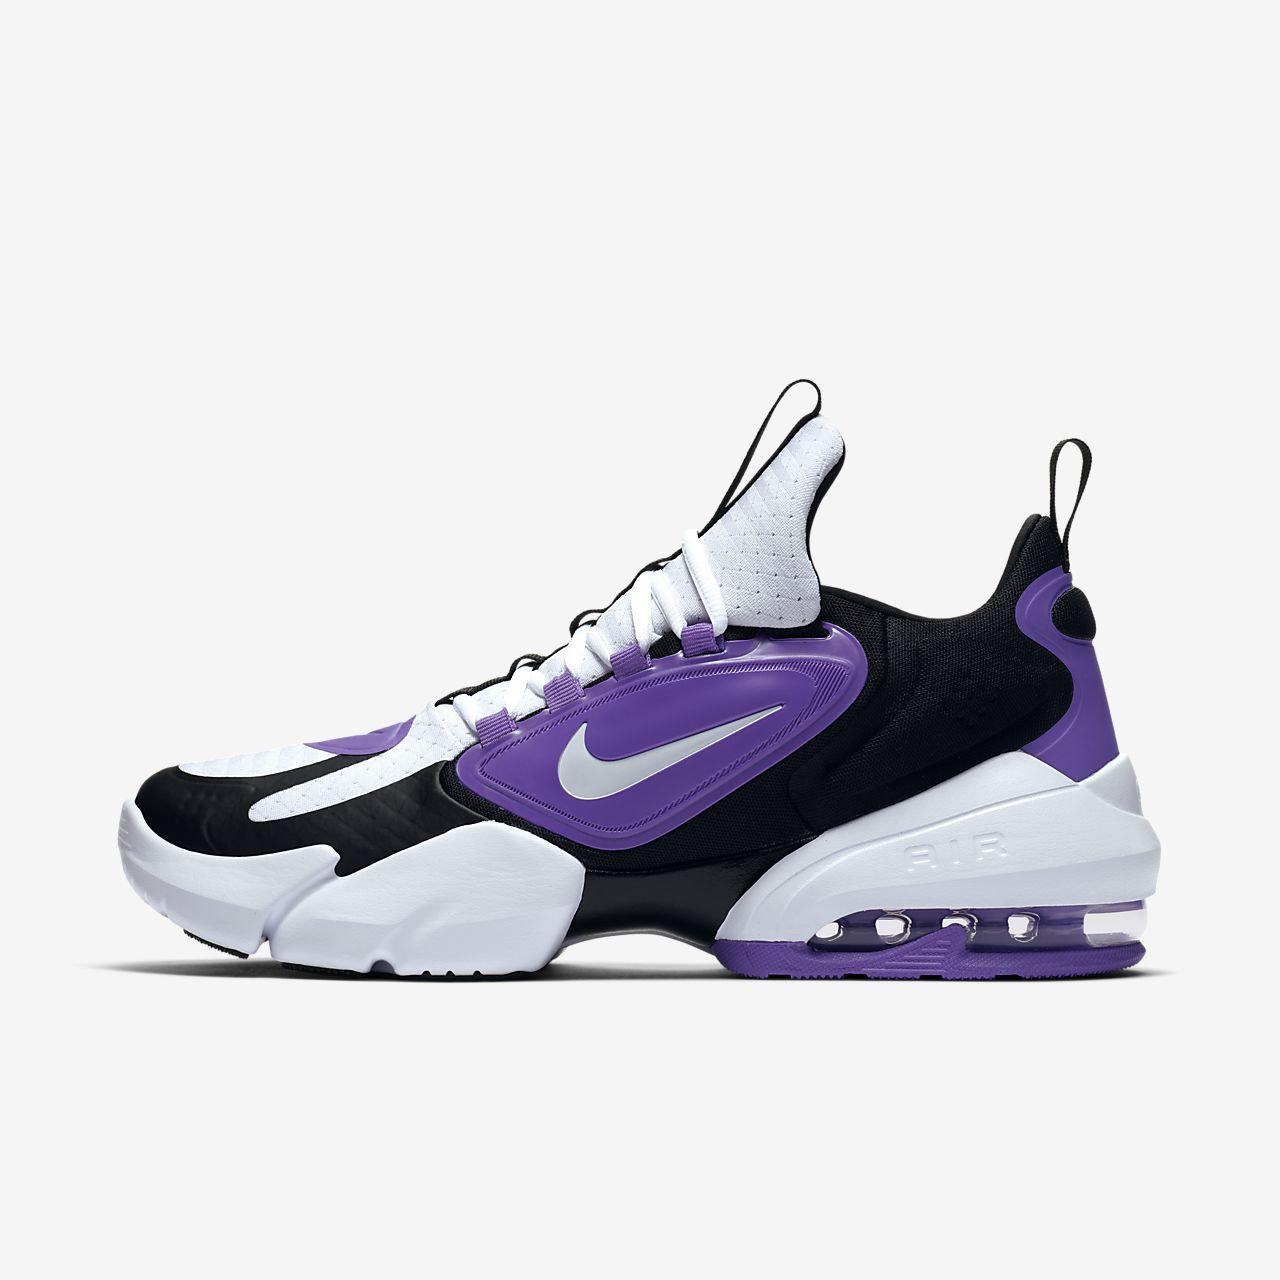 Sneakers Nike | Air Max 95 SE Viola Uomo « MBformazione